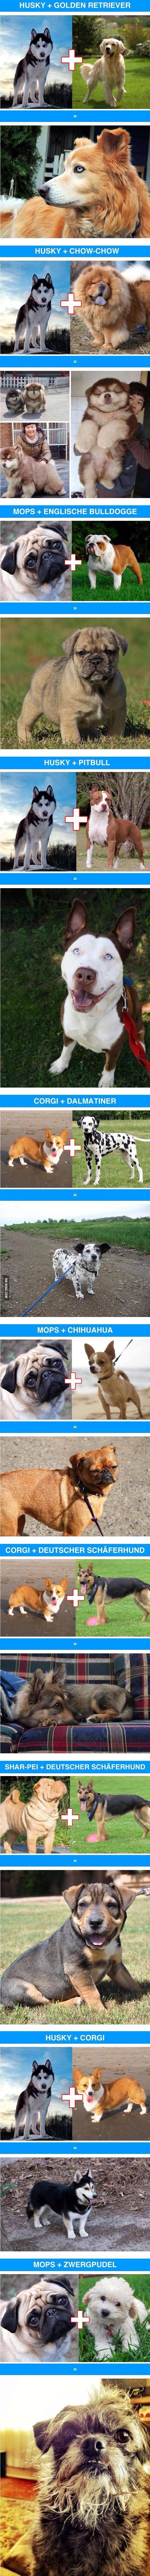 Clases de perros